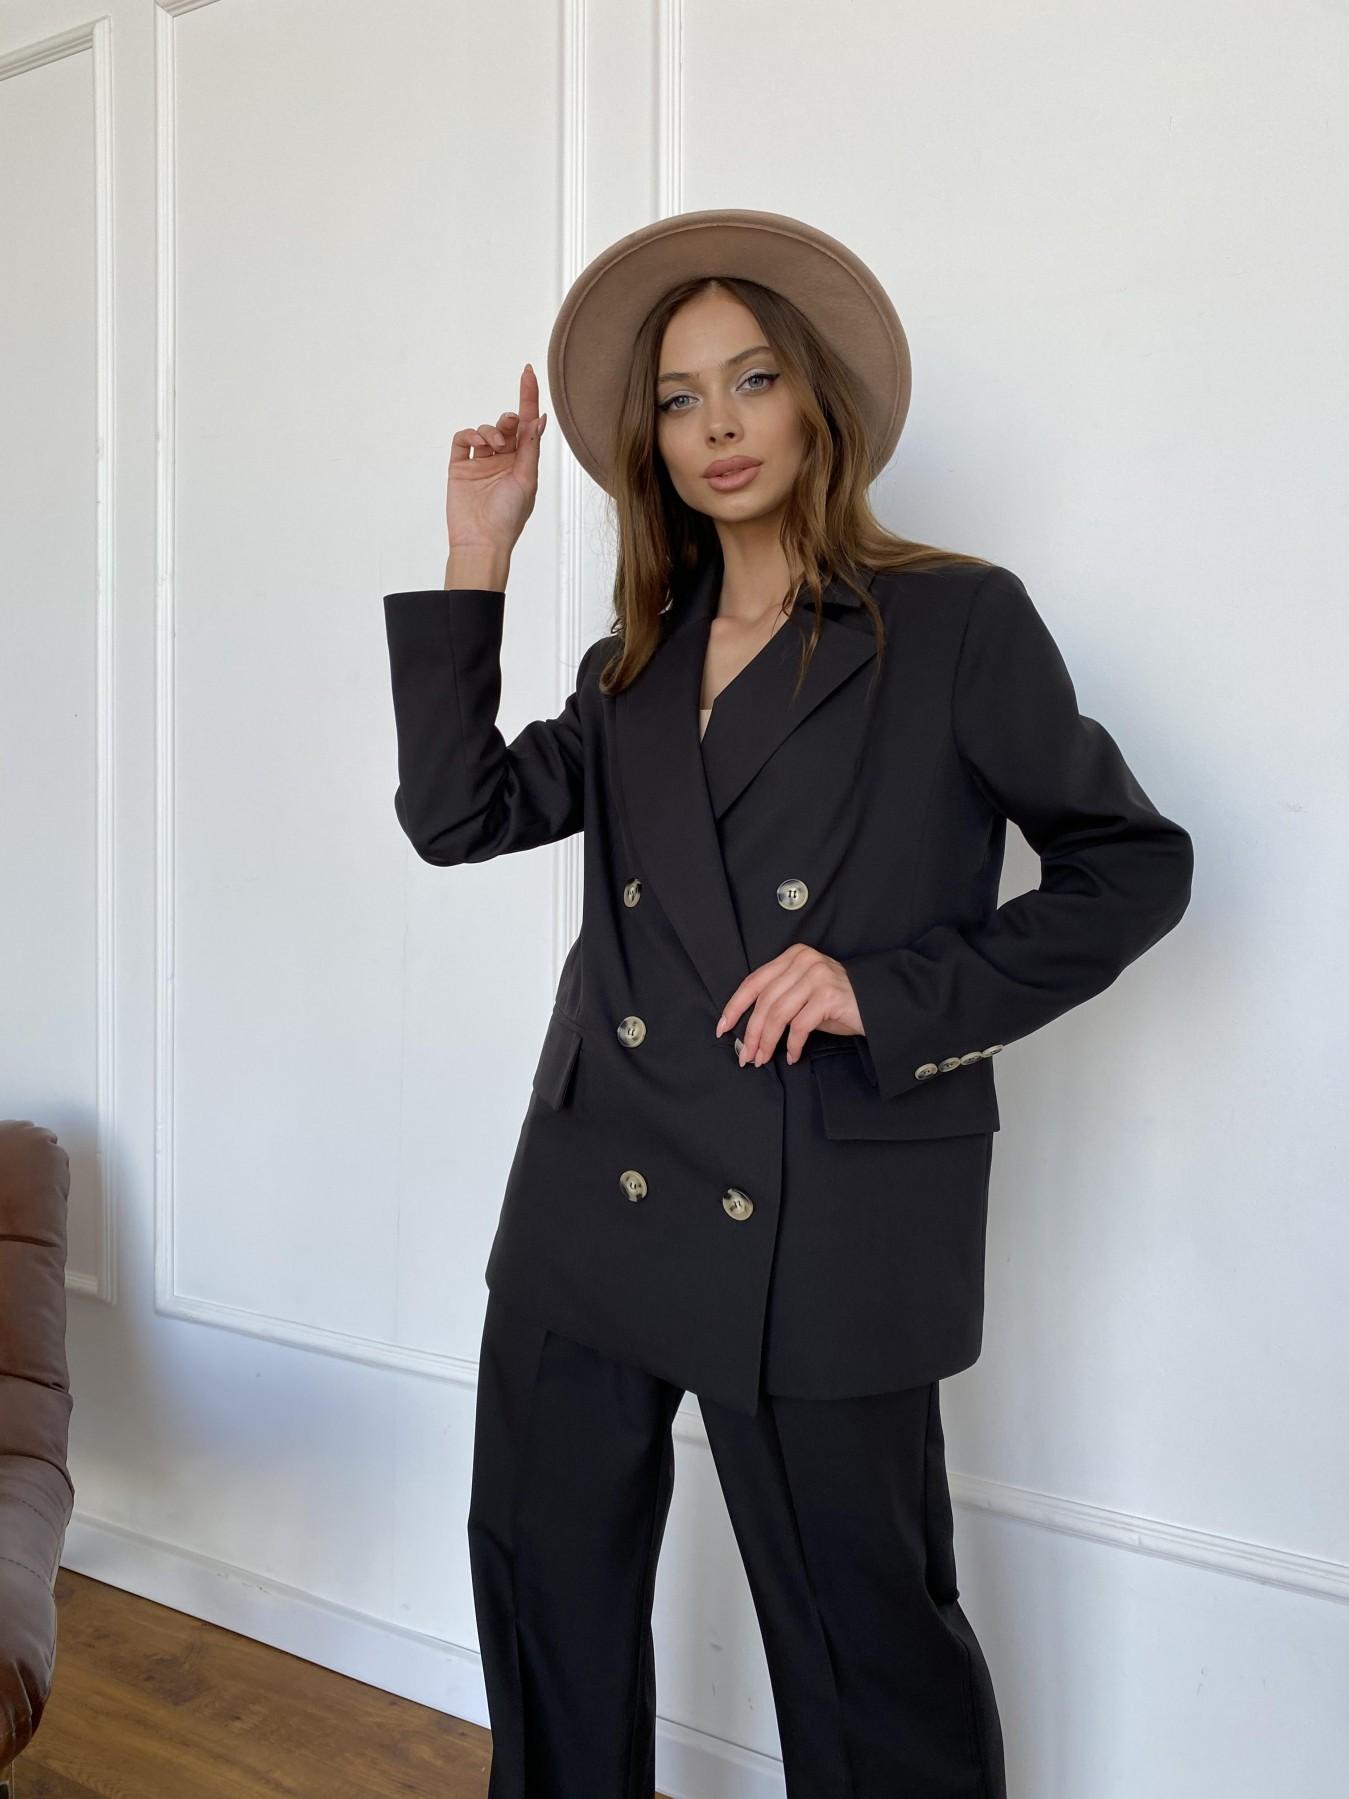 Белисимо  костюм стрейч из костюмной ткани 11217 АРТ. 47792 Цвет: Черный - фото 2, интернет магазин tm-modus.ru